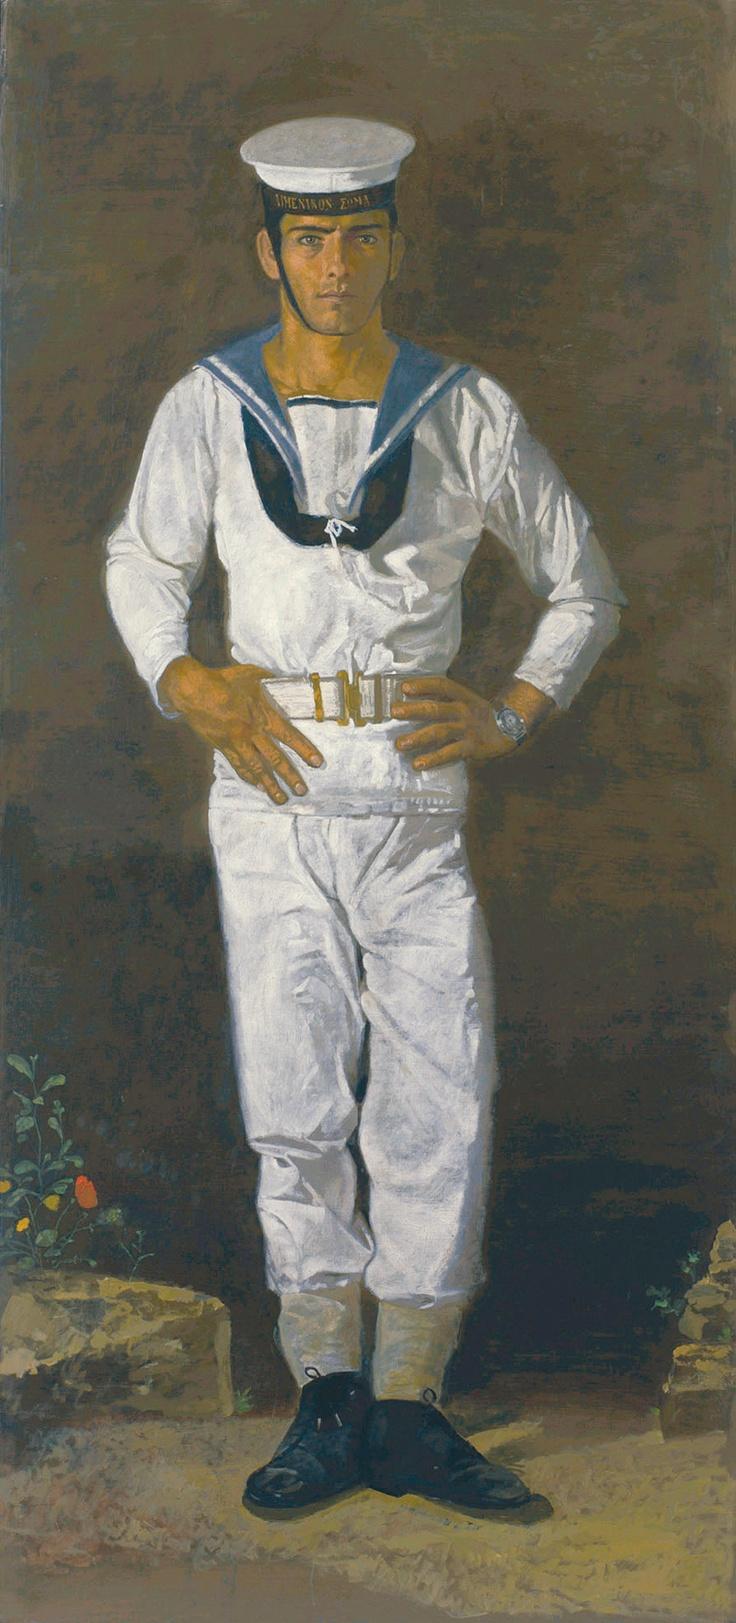 Γιάννης Τσαρούχης (1910-1989) «Ναύτης στον ήλιο» (1968-1970). Λάδι σε πανί (220x100 εκ.), Ίδρυμα Γιάννη Τσαρούχη.